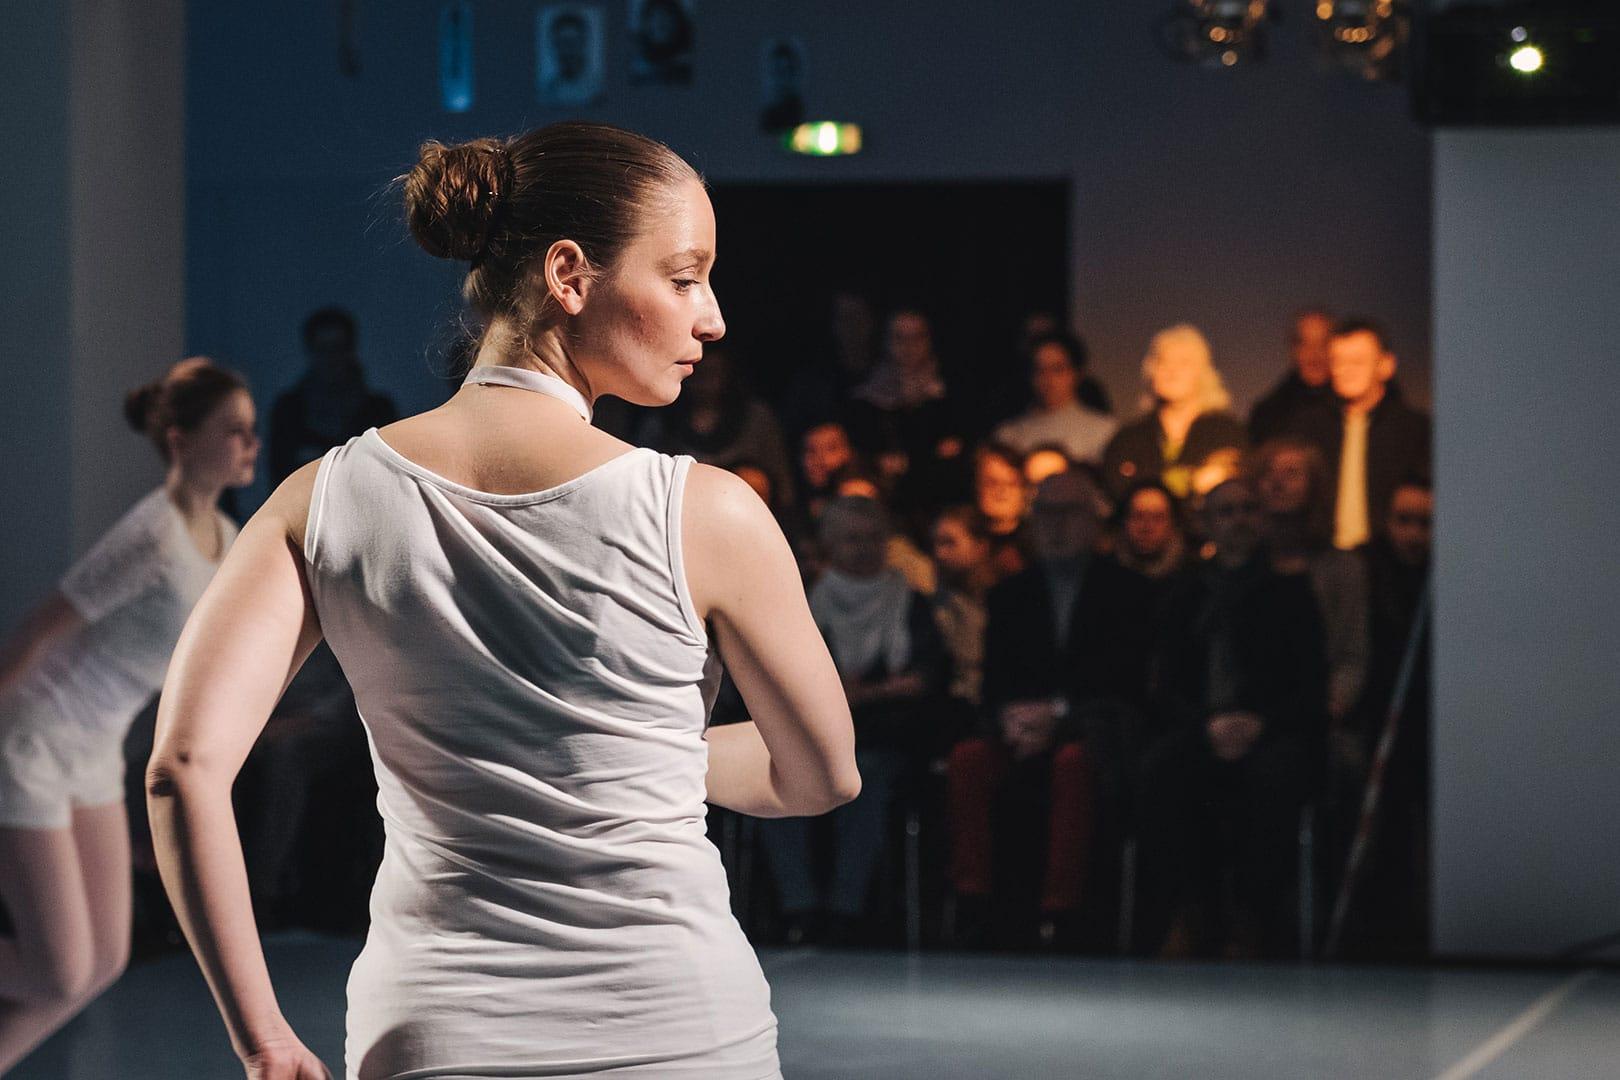 Tanz #Tanz #Lichthaus #Bewegung